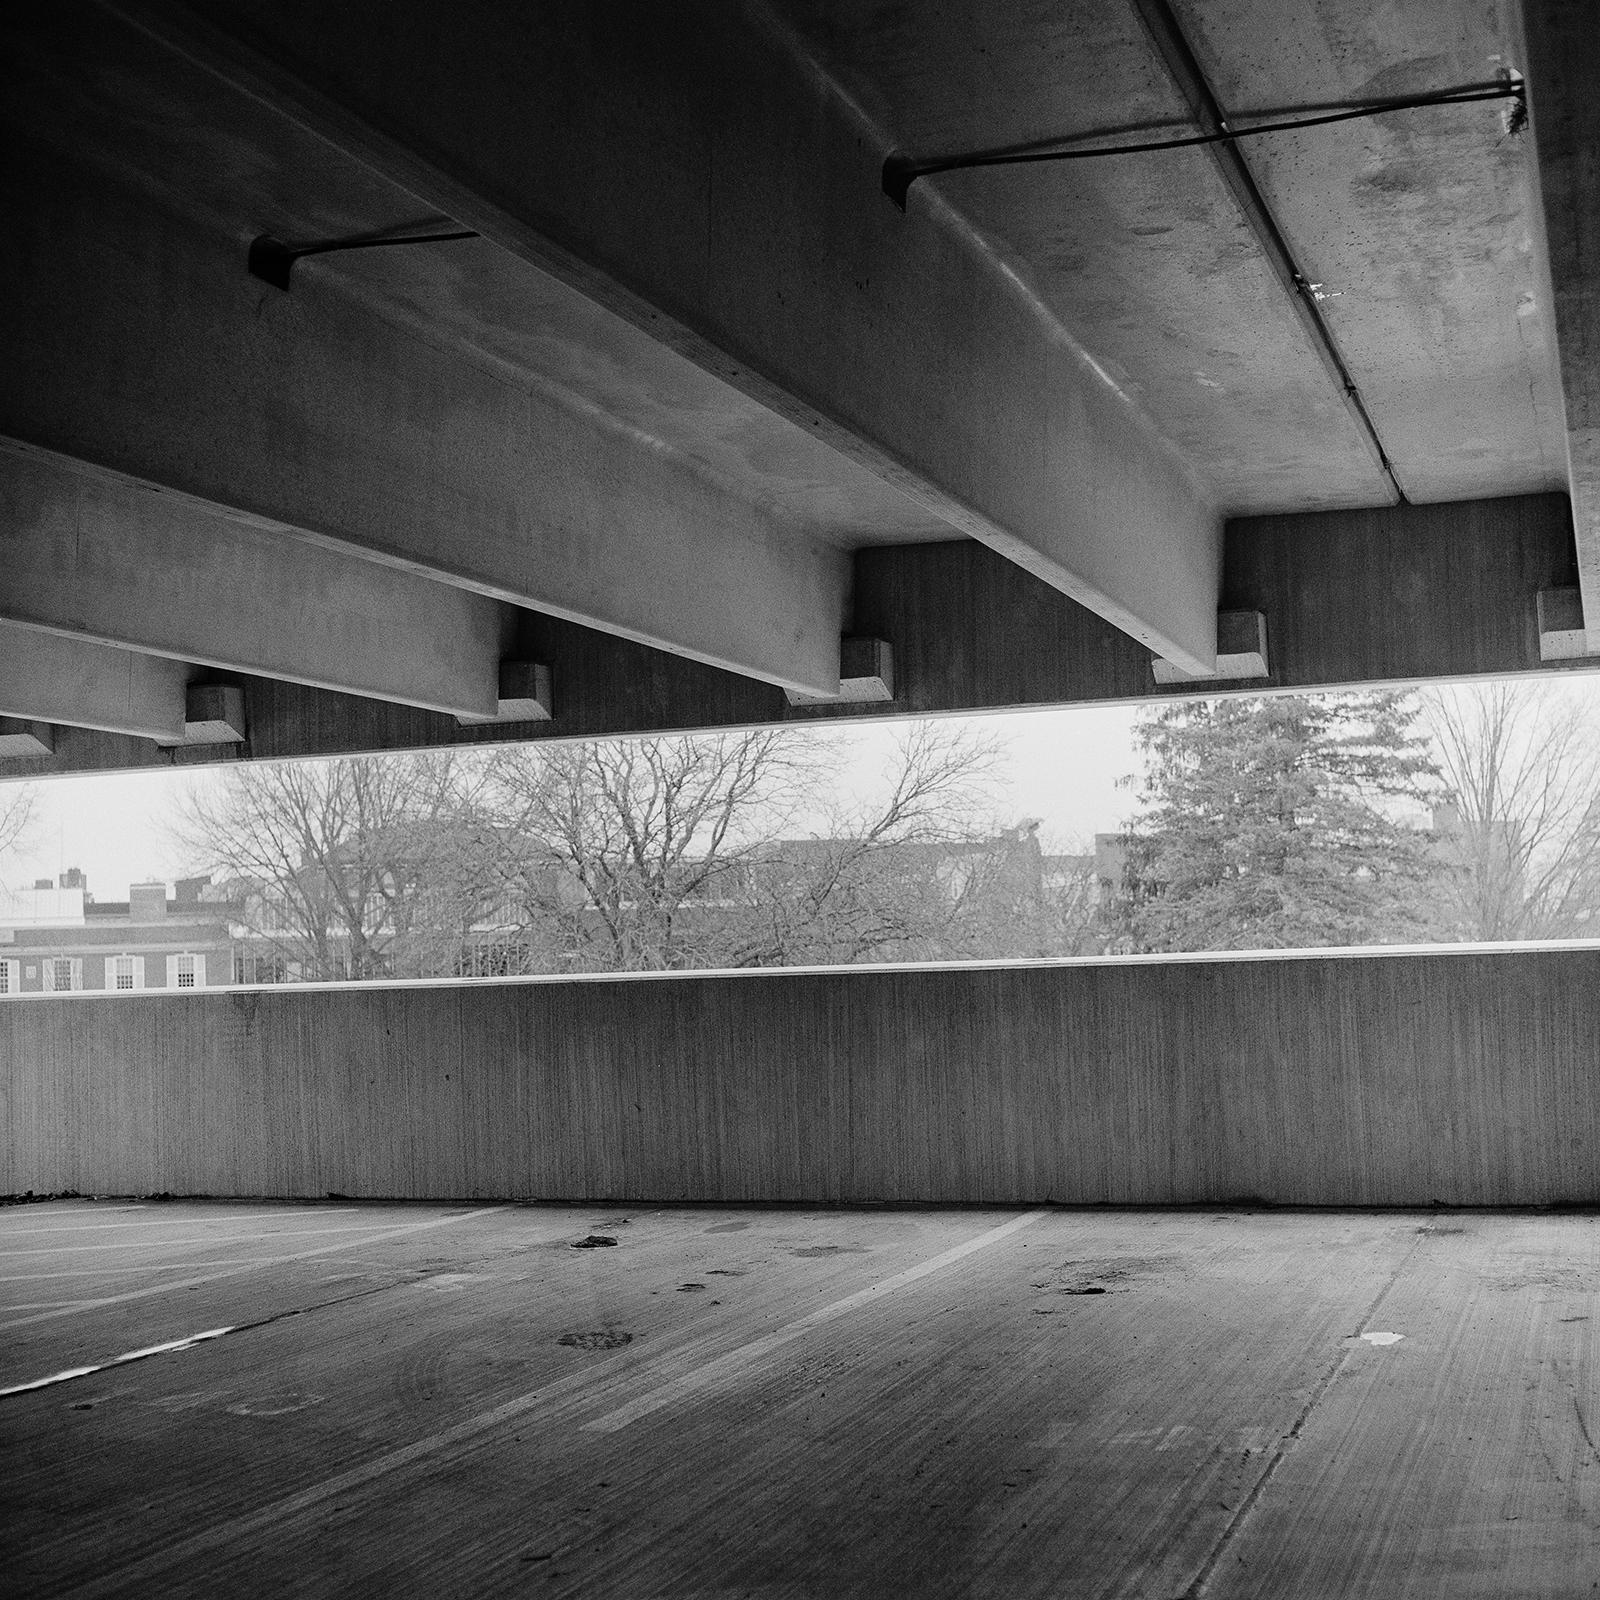 ZZOLL_Parking Garage, 2016